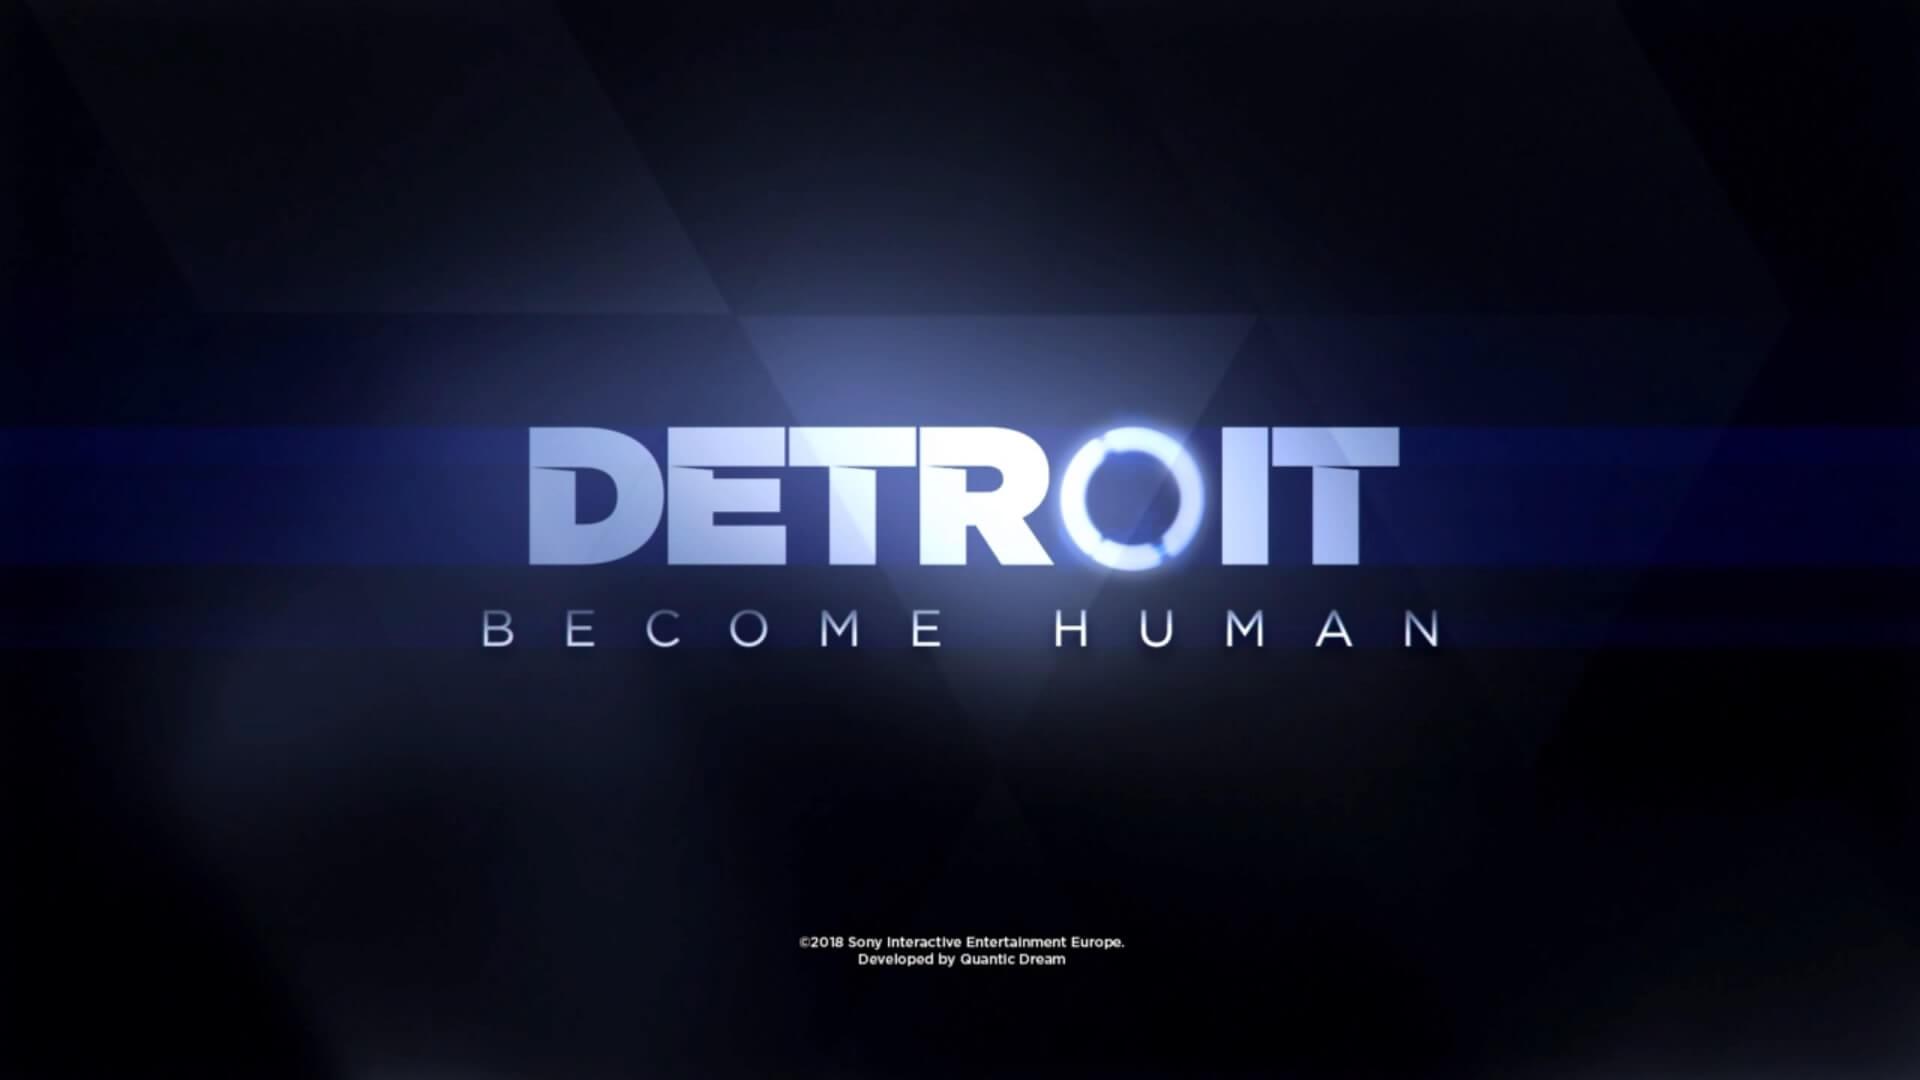 デトロイト ビカム ヒューマンの画像 p1_31